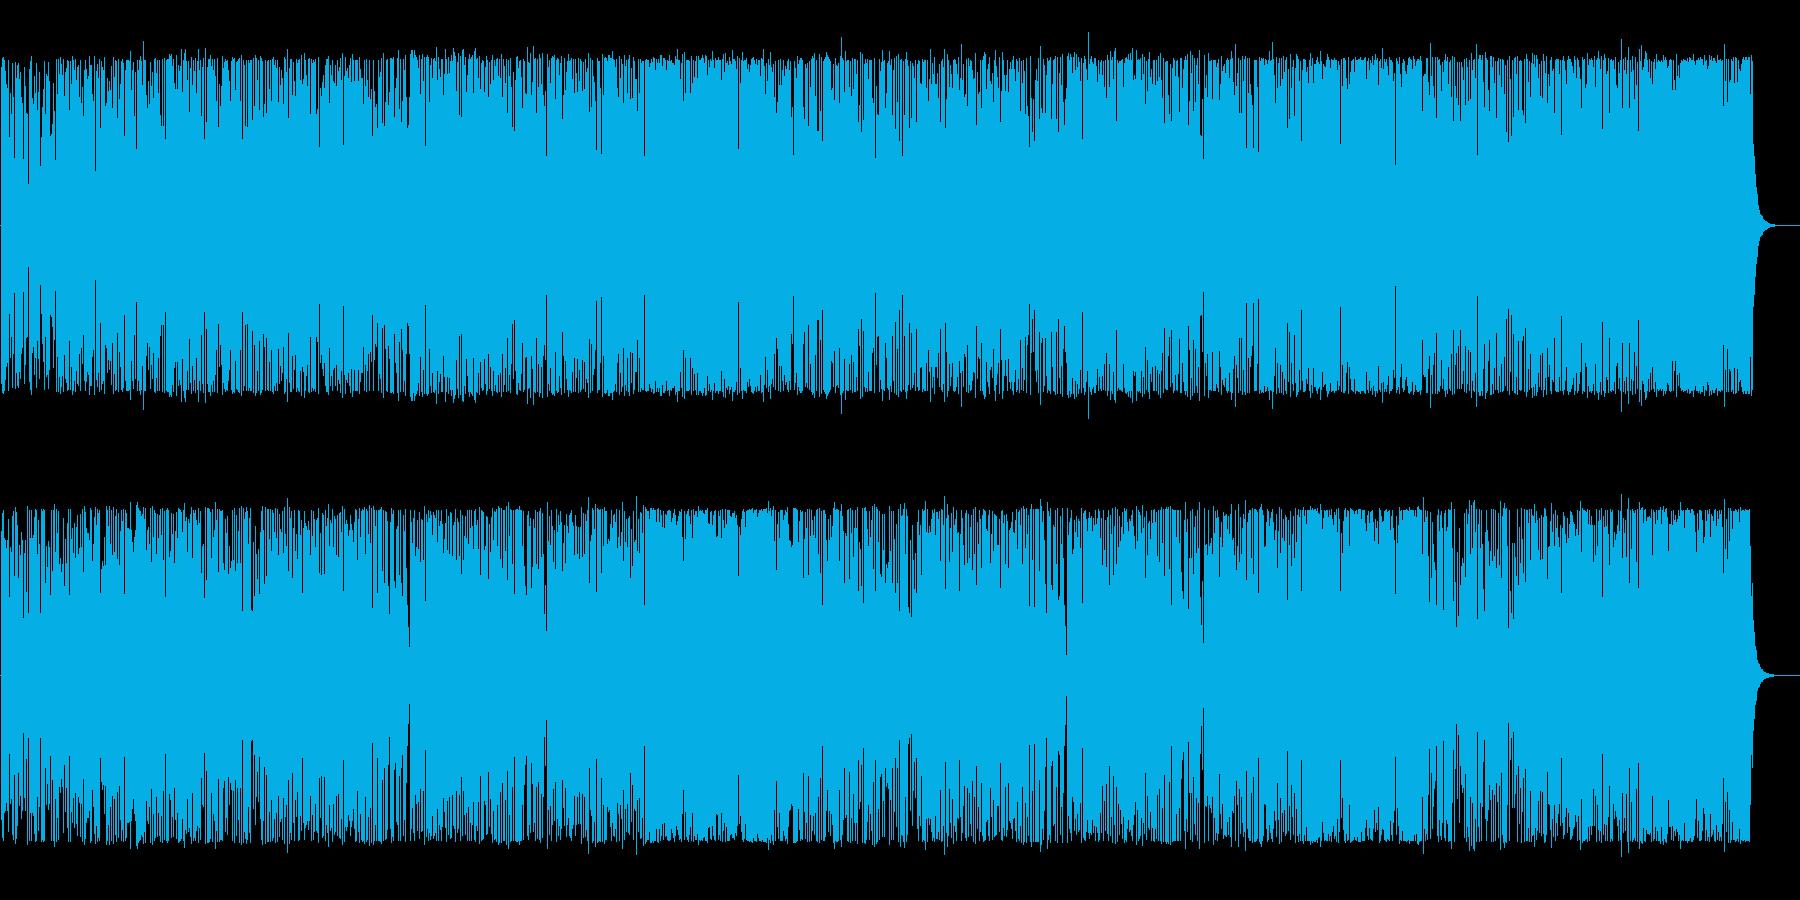 軽やかで明るいポップなBGMの再生済みの波形